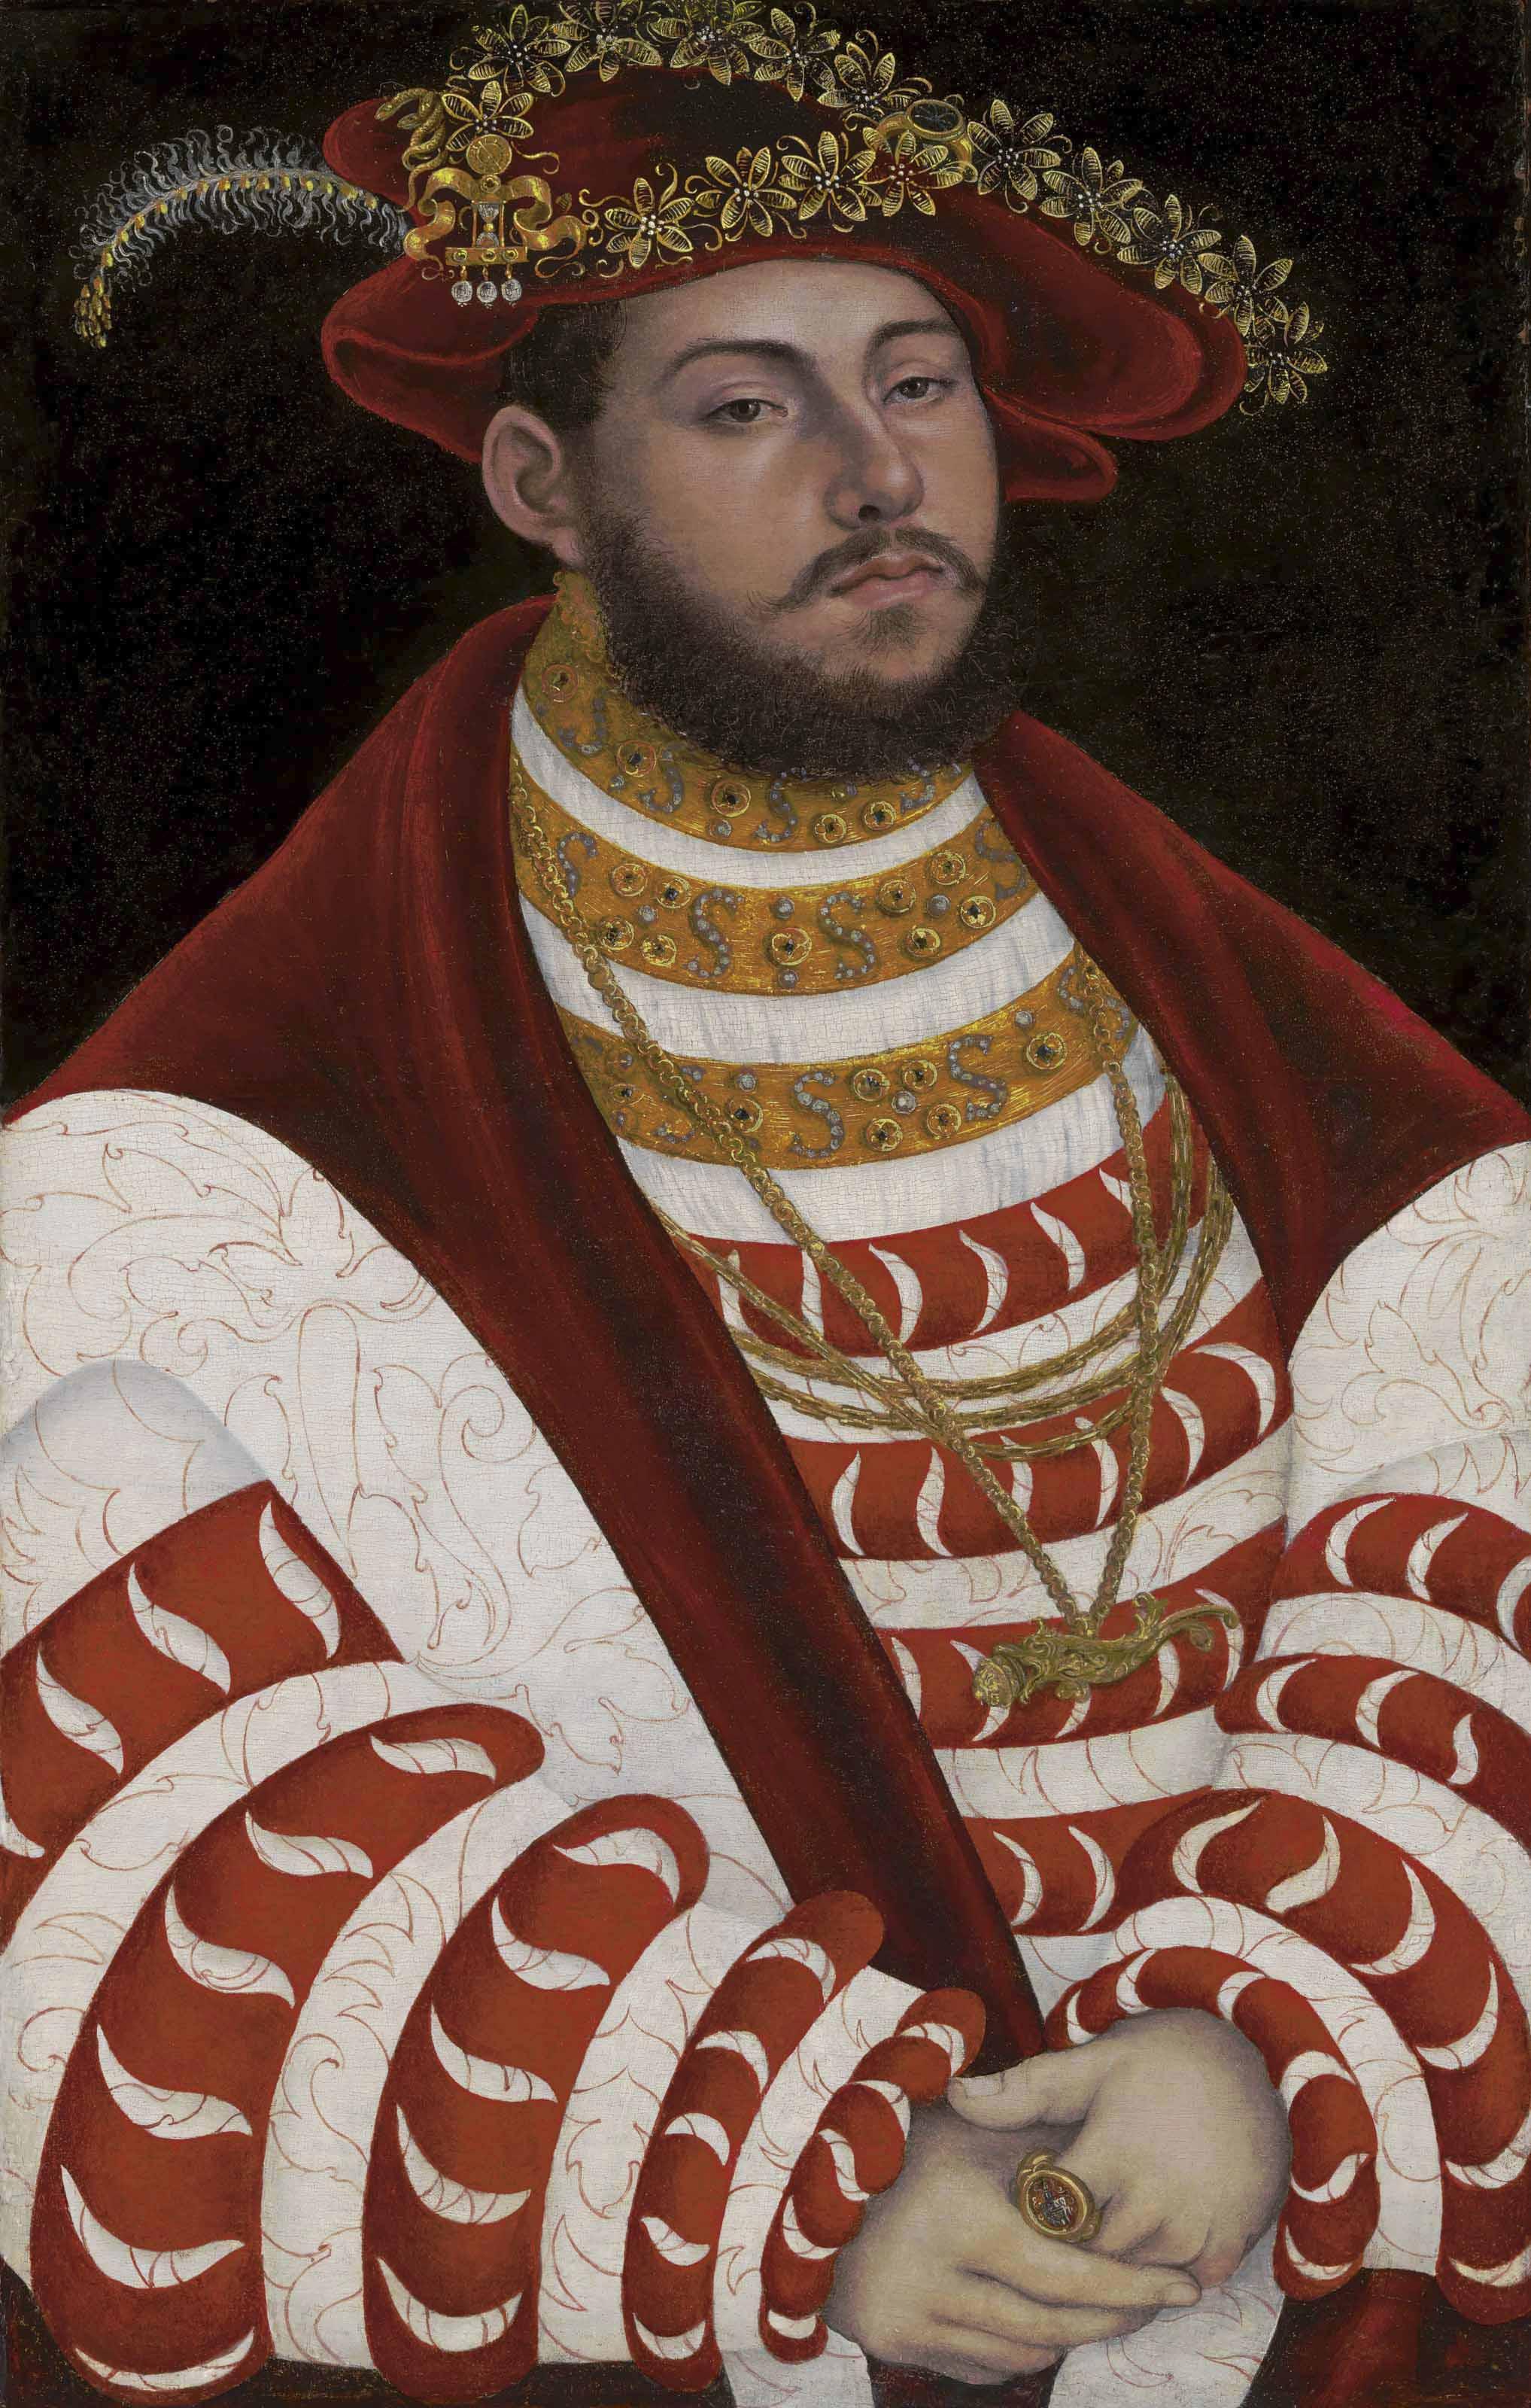 Lucas Cranach I (Kronach 1472-1553 Weimar)